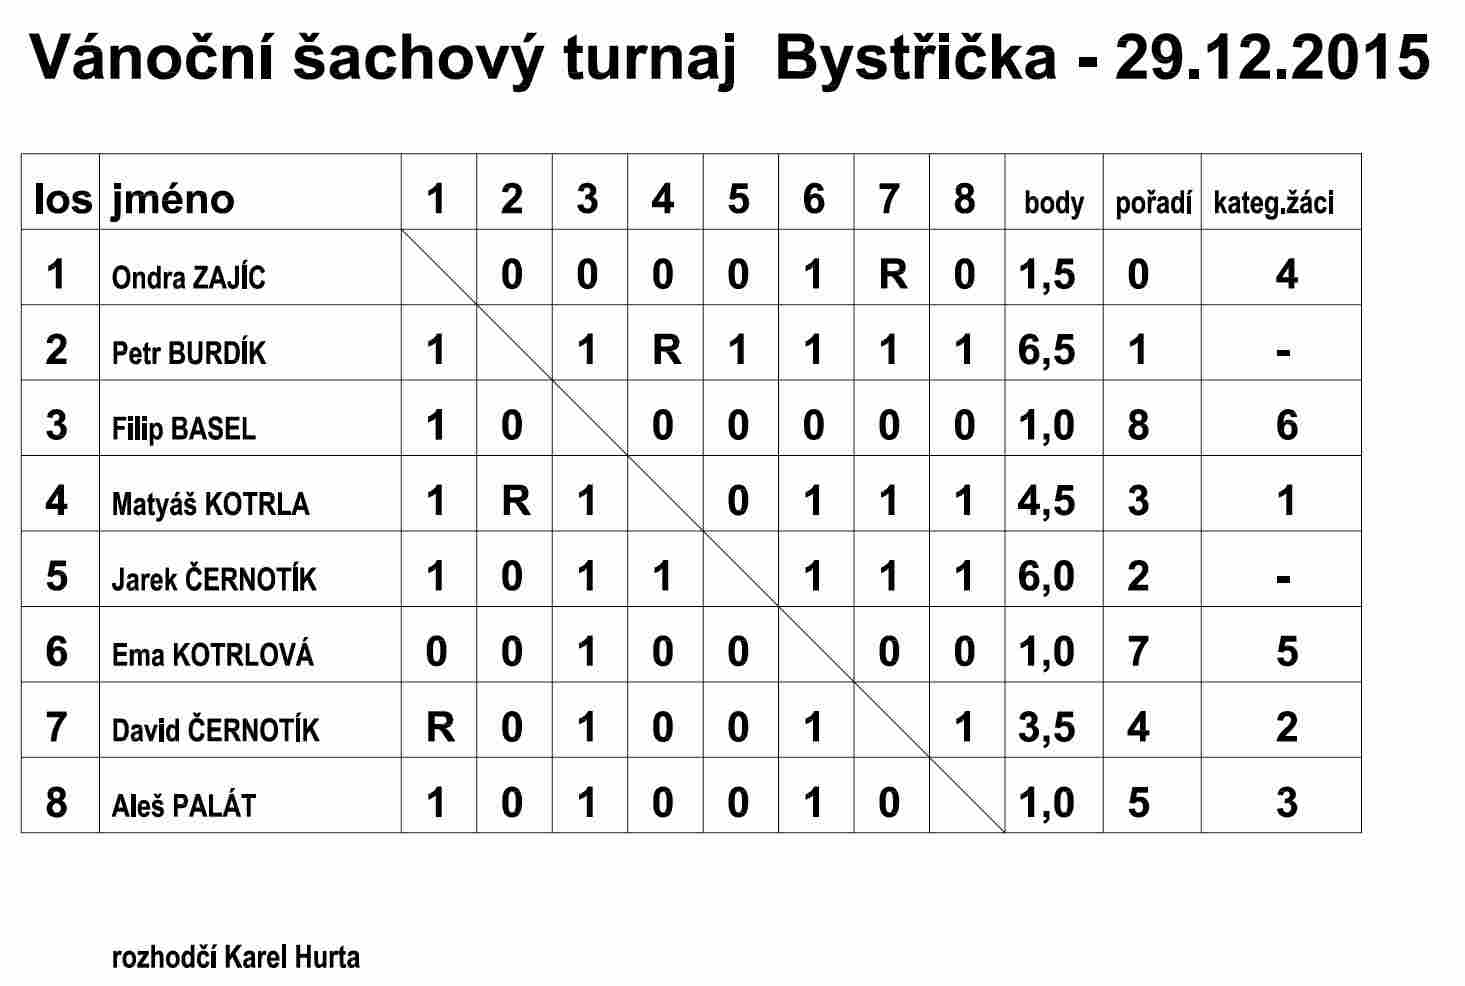 Tradiční šachový turnaj 2015 - výsledky